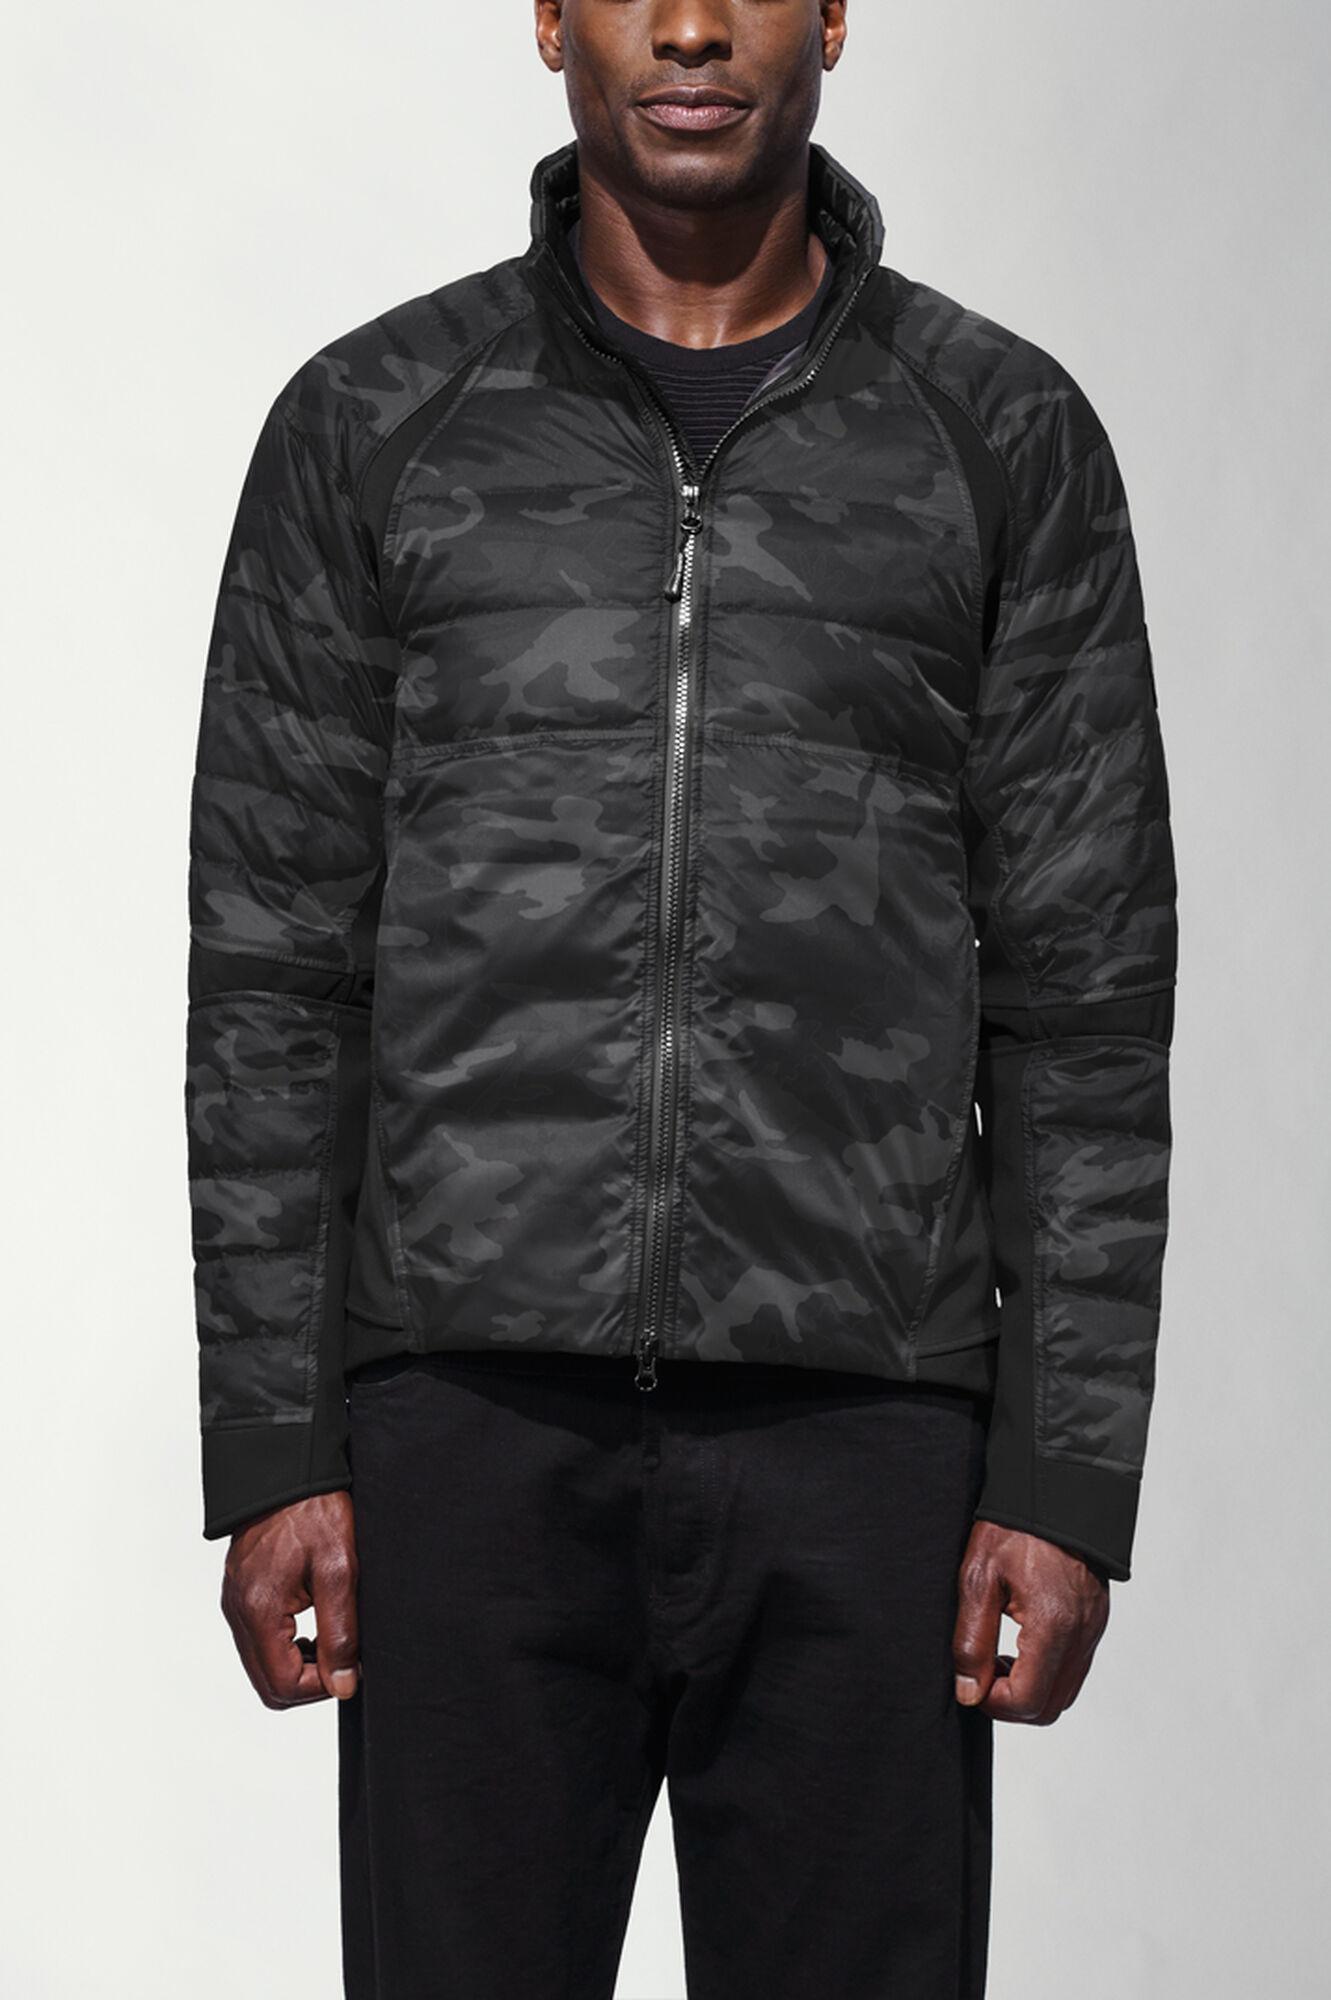 Men's HyBridge Perren Jacket Black Label | Canada Goose®